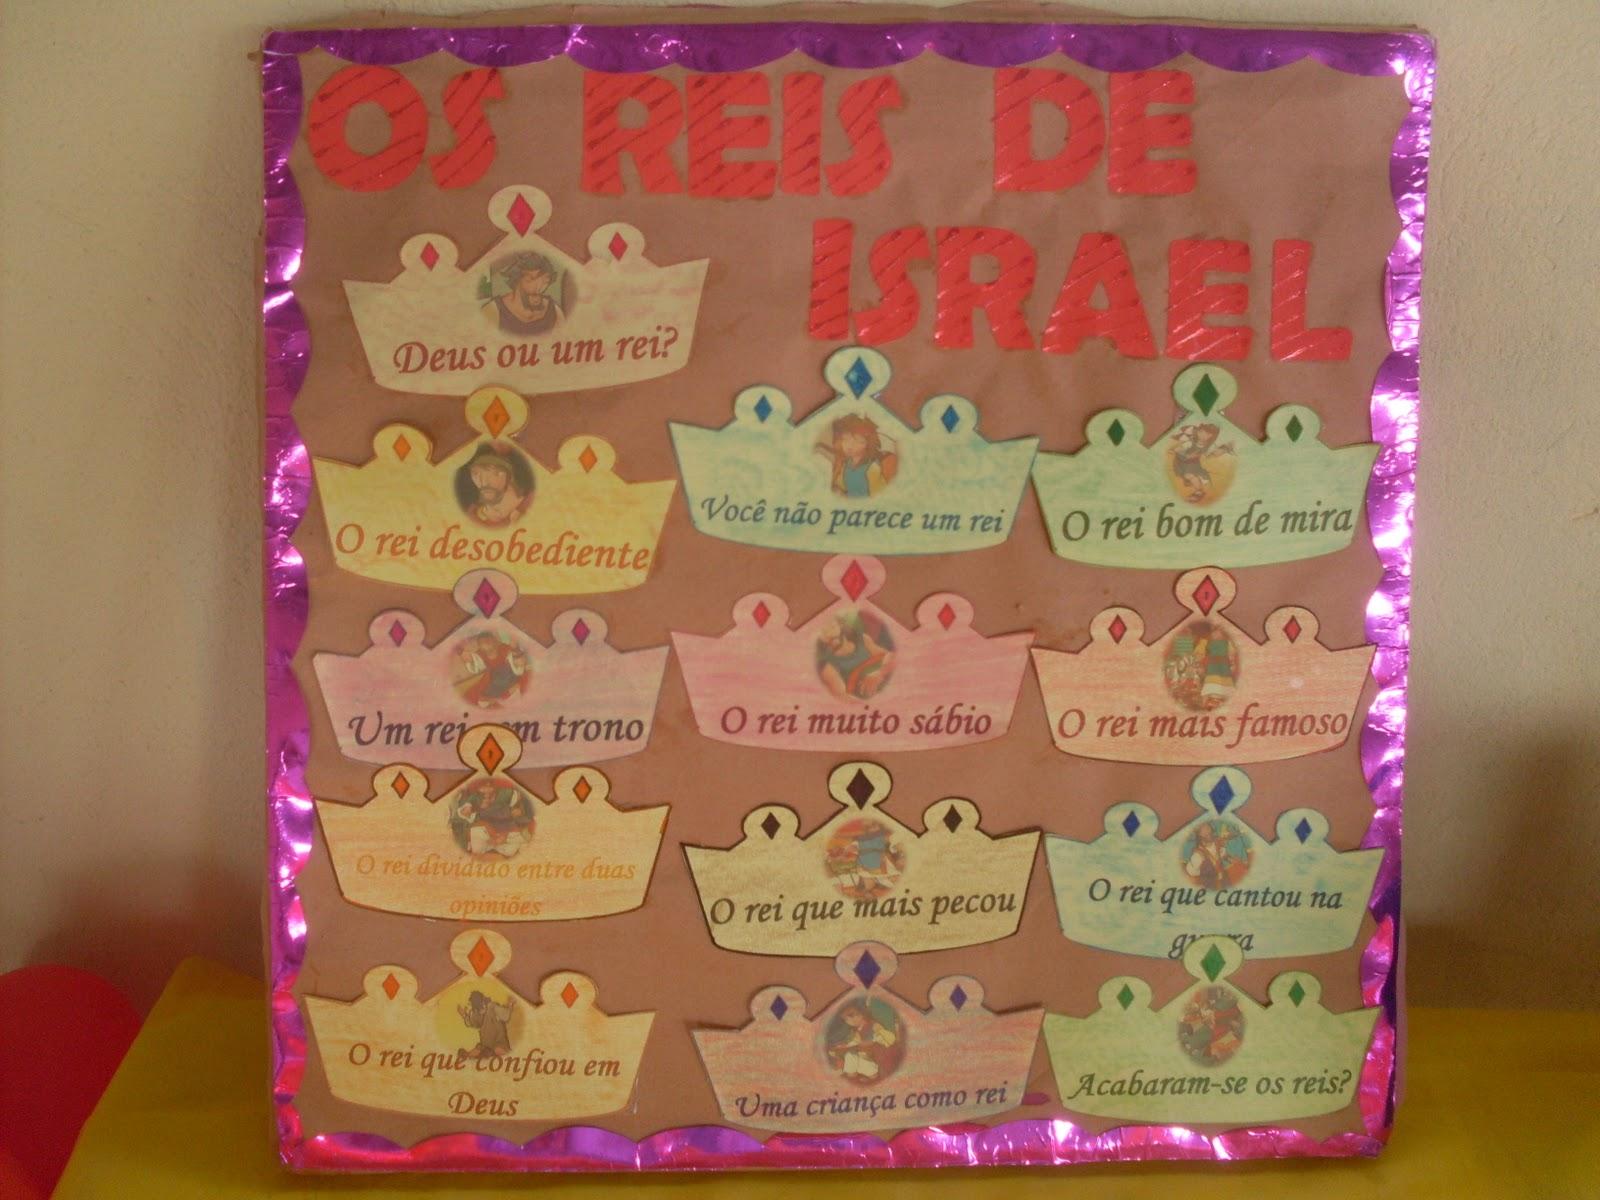 Super EBD Infantil - Denise Luc: Juniores - Revista 3 (Os reis de Israel) RB11